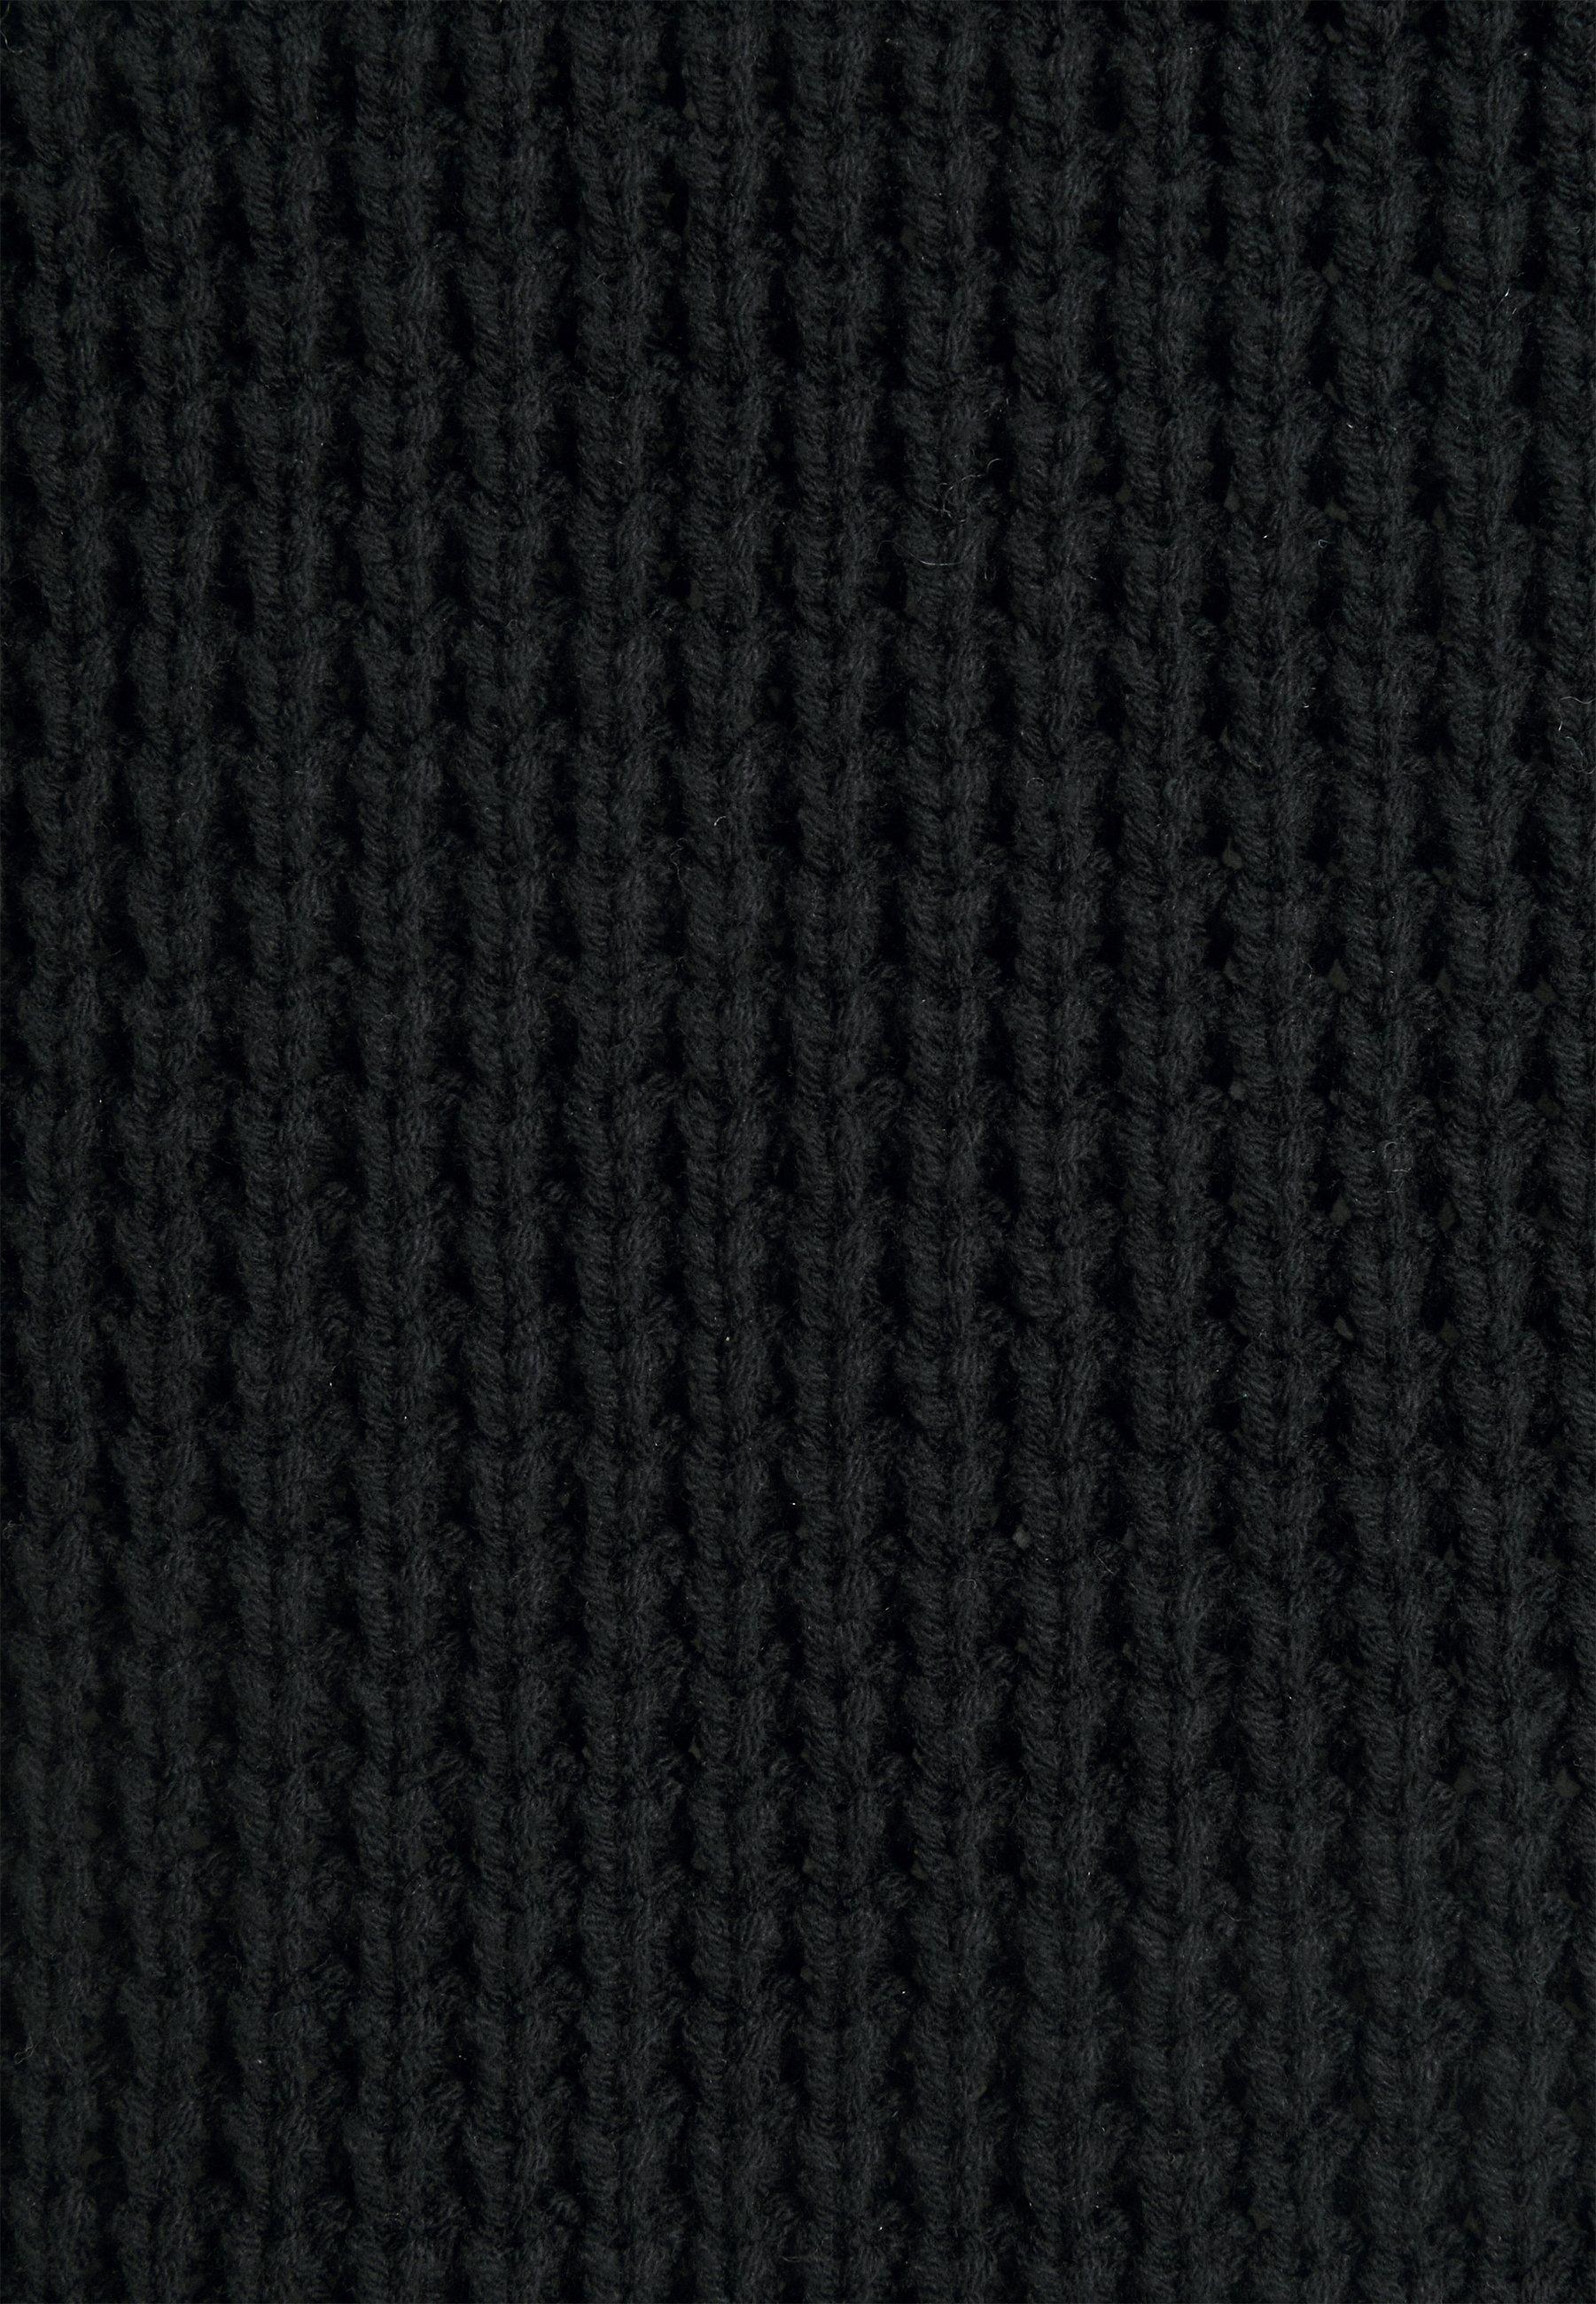 edc by Esprit COWL NECK Strickkleid black/schwarz